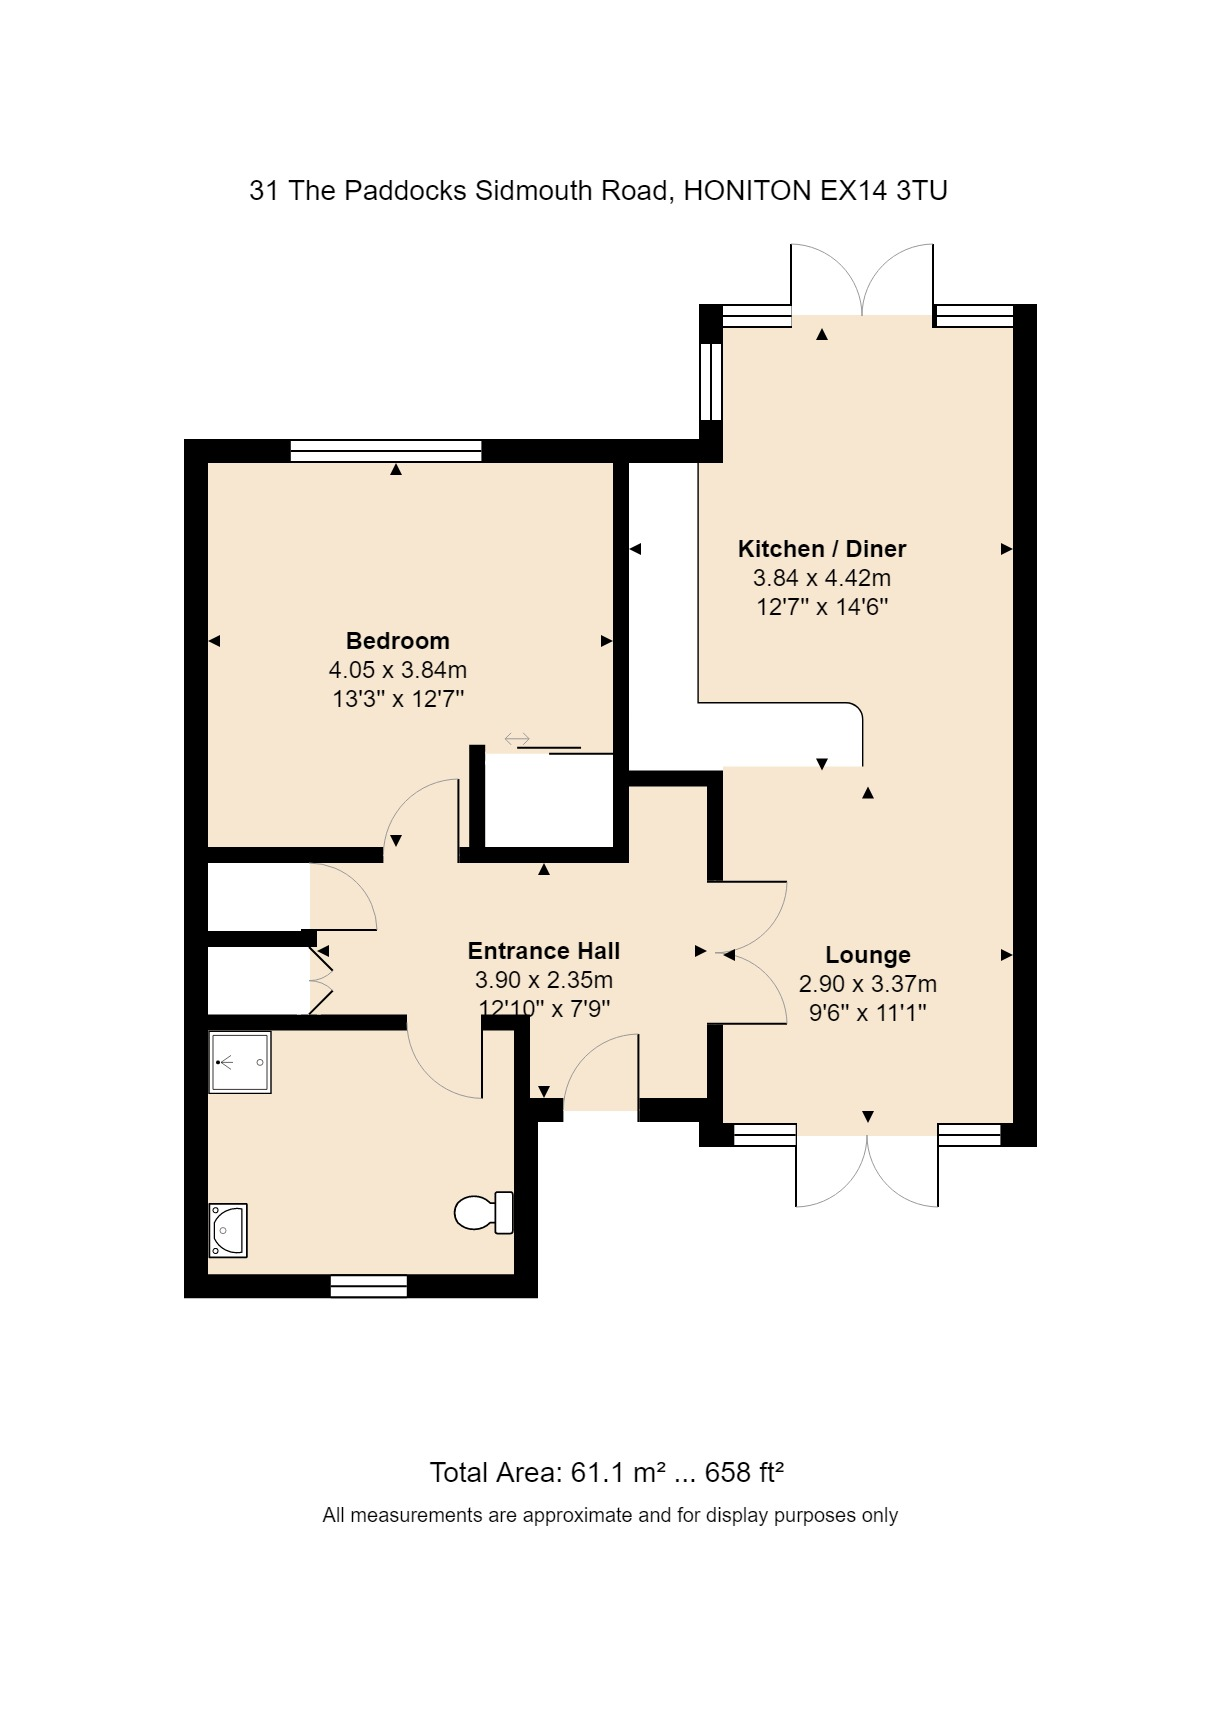 31 The Paddocks Floorplan